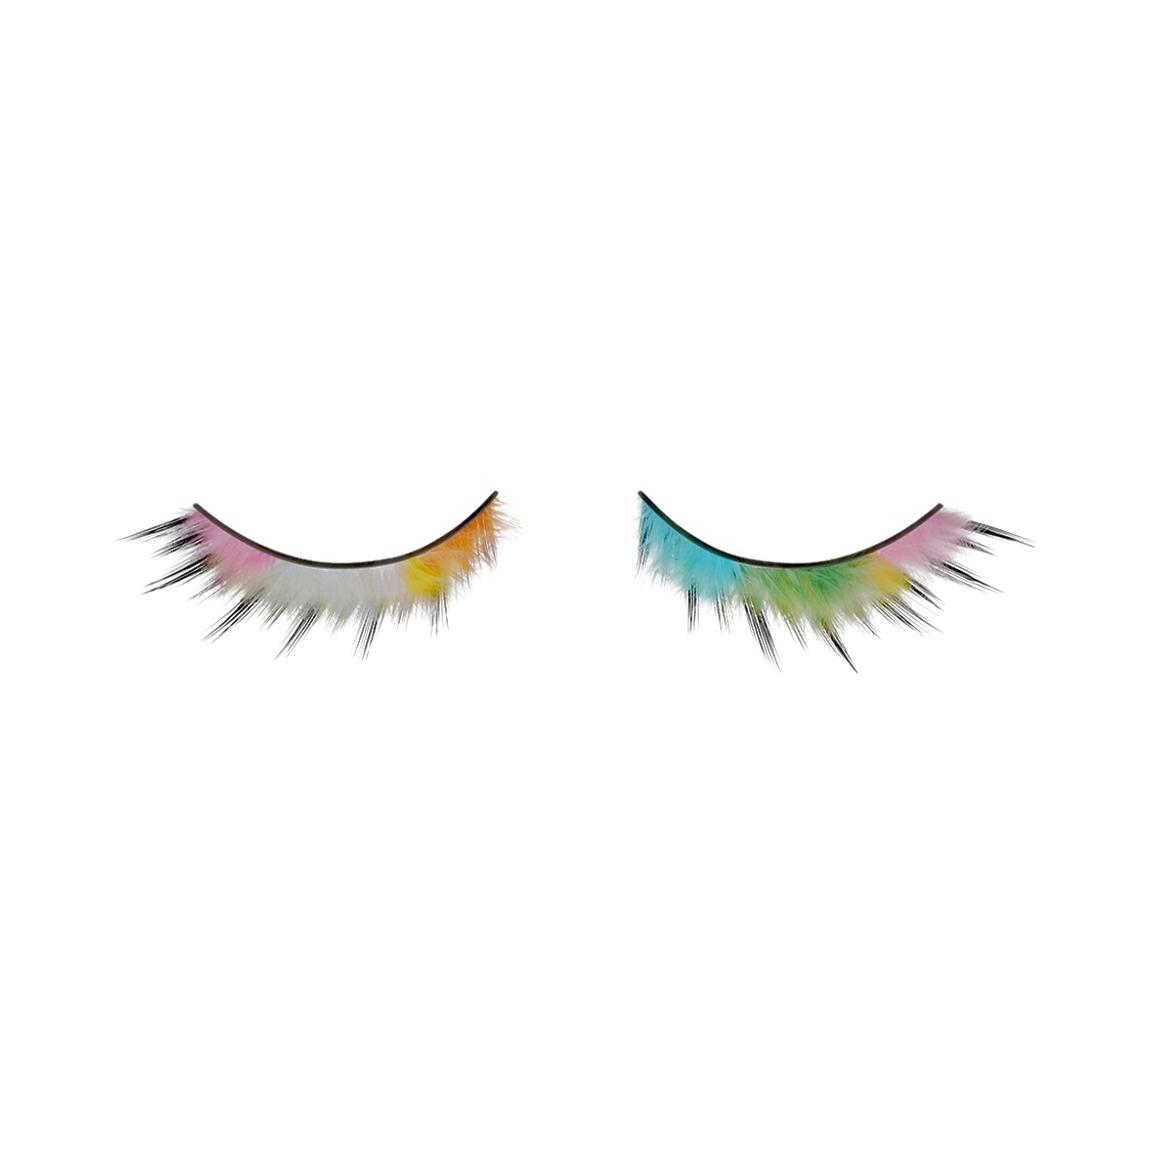 Shu Uemura Rainbow Feather L False Eyelashes Beautylish